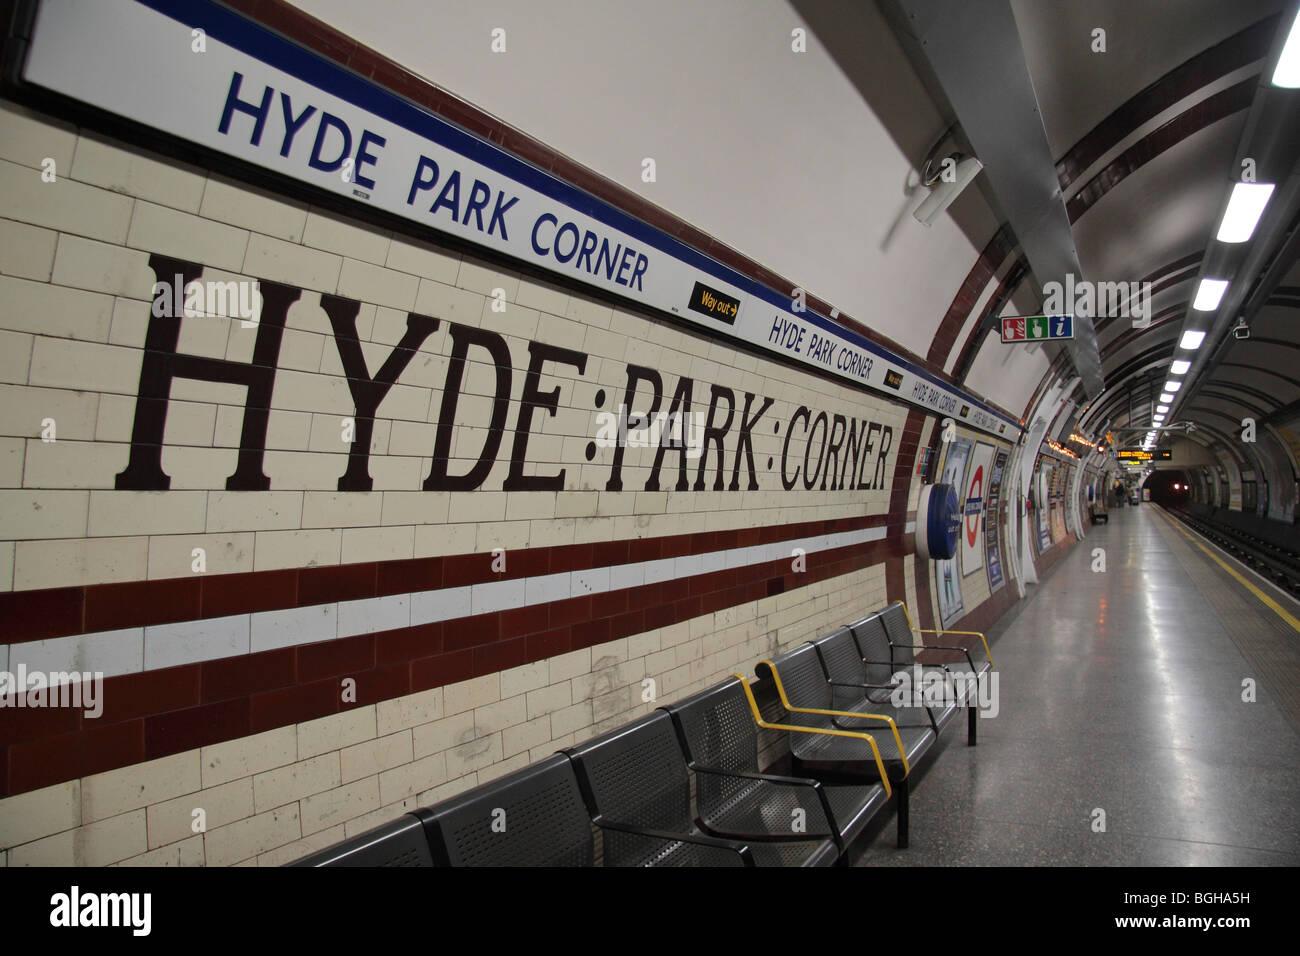 Hyde Park Corner Tube Stock Photos & Hyde Park Corner Tube Stock ...